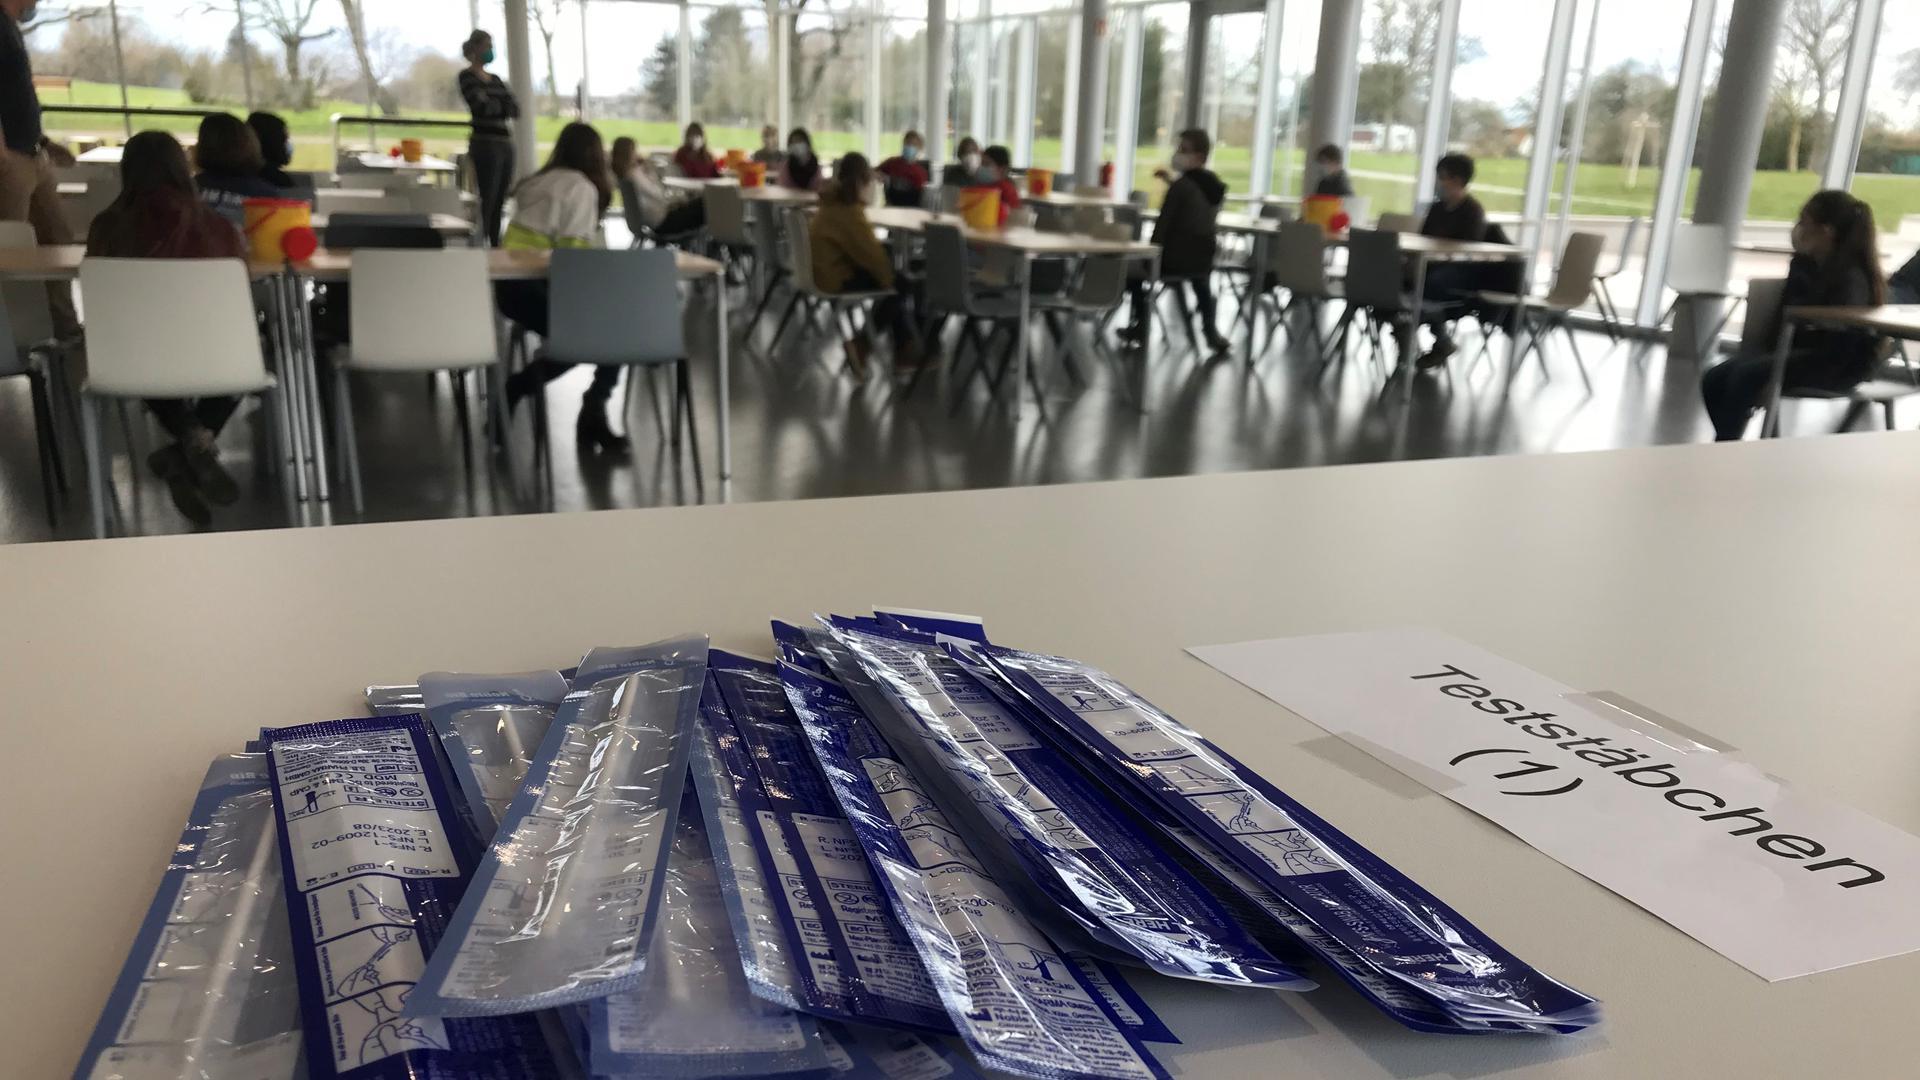 Testungen in der Mensa: Am Albertus-Magnus-Gymnasium in Ettlingen konnten sich die ersten Schüler am Montag einem Corona-Selbsttest unterziehen.